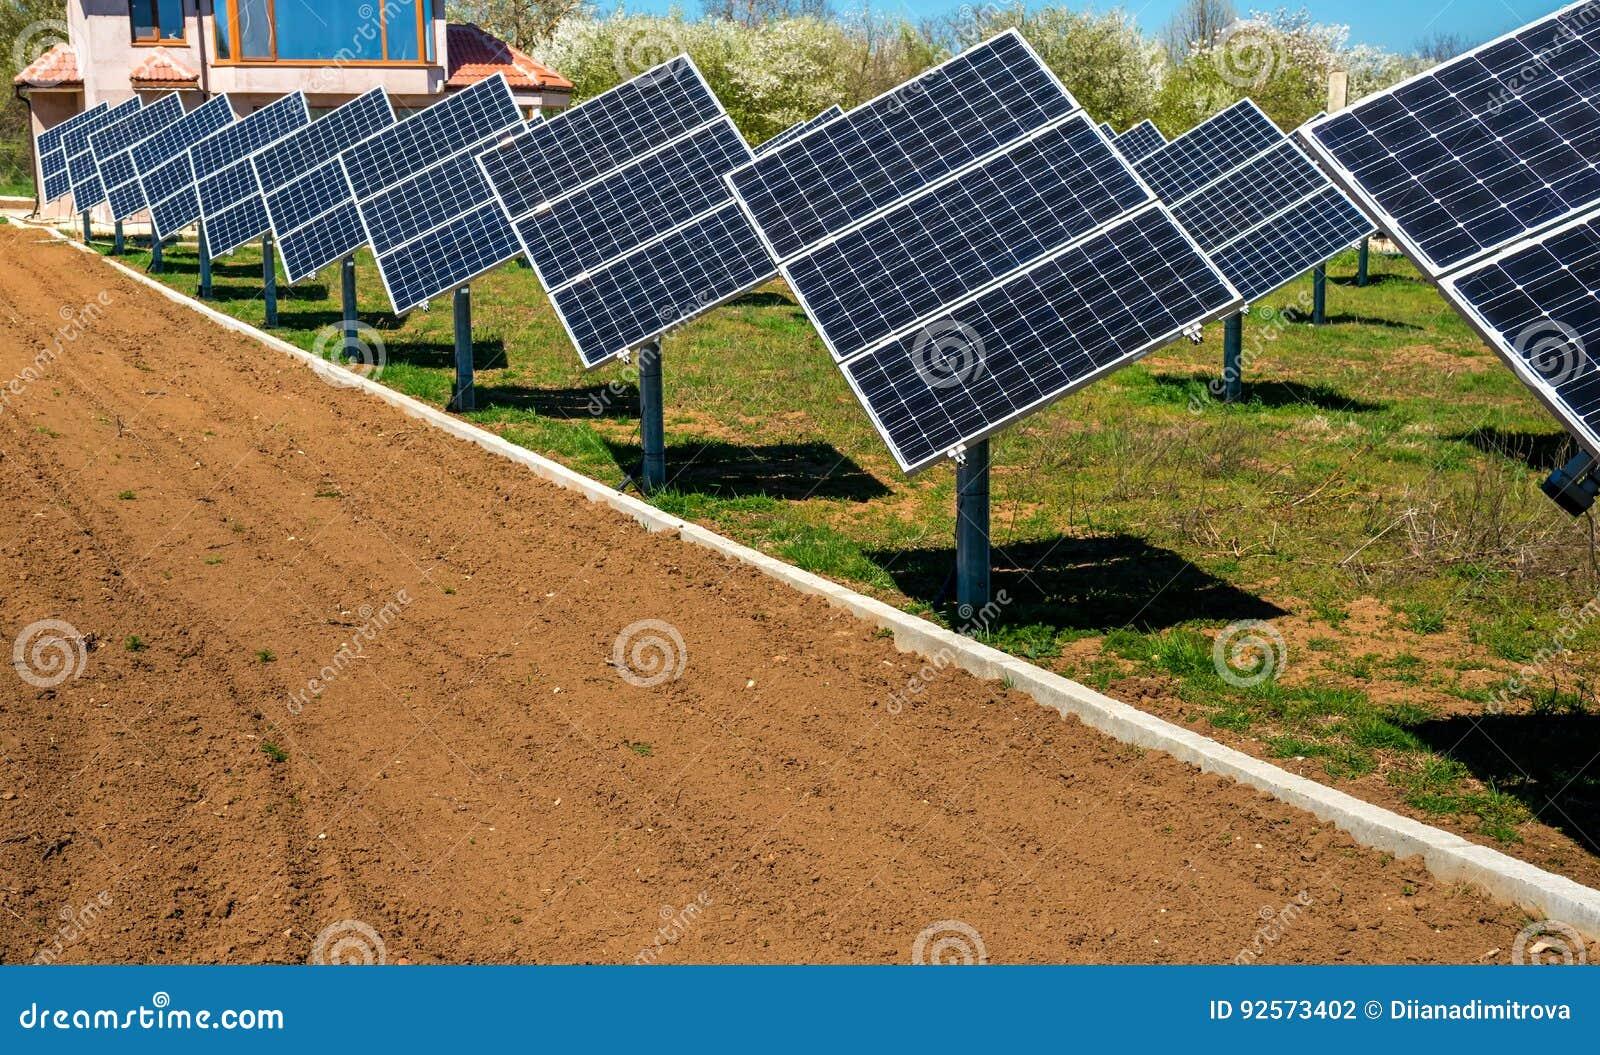 Pannello solare, fonte fotovoltaica e alternativa di elettricità